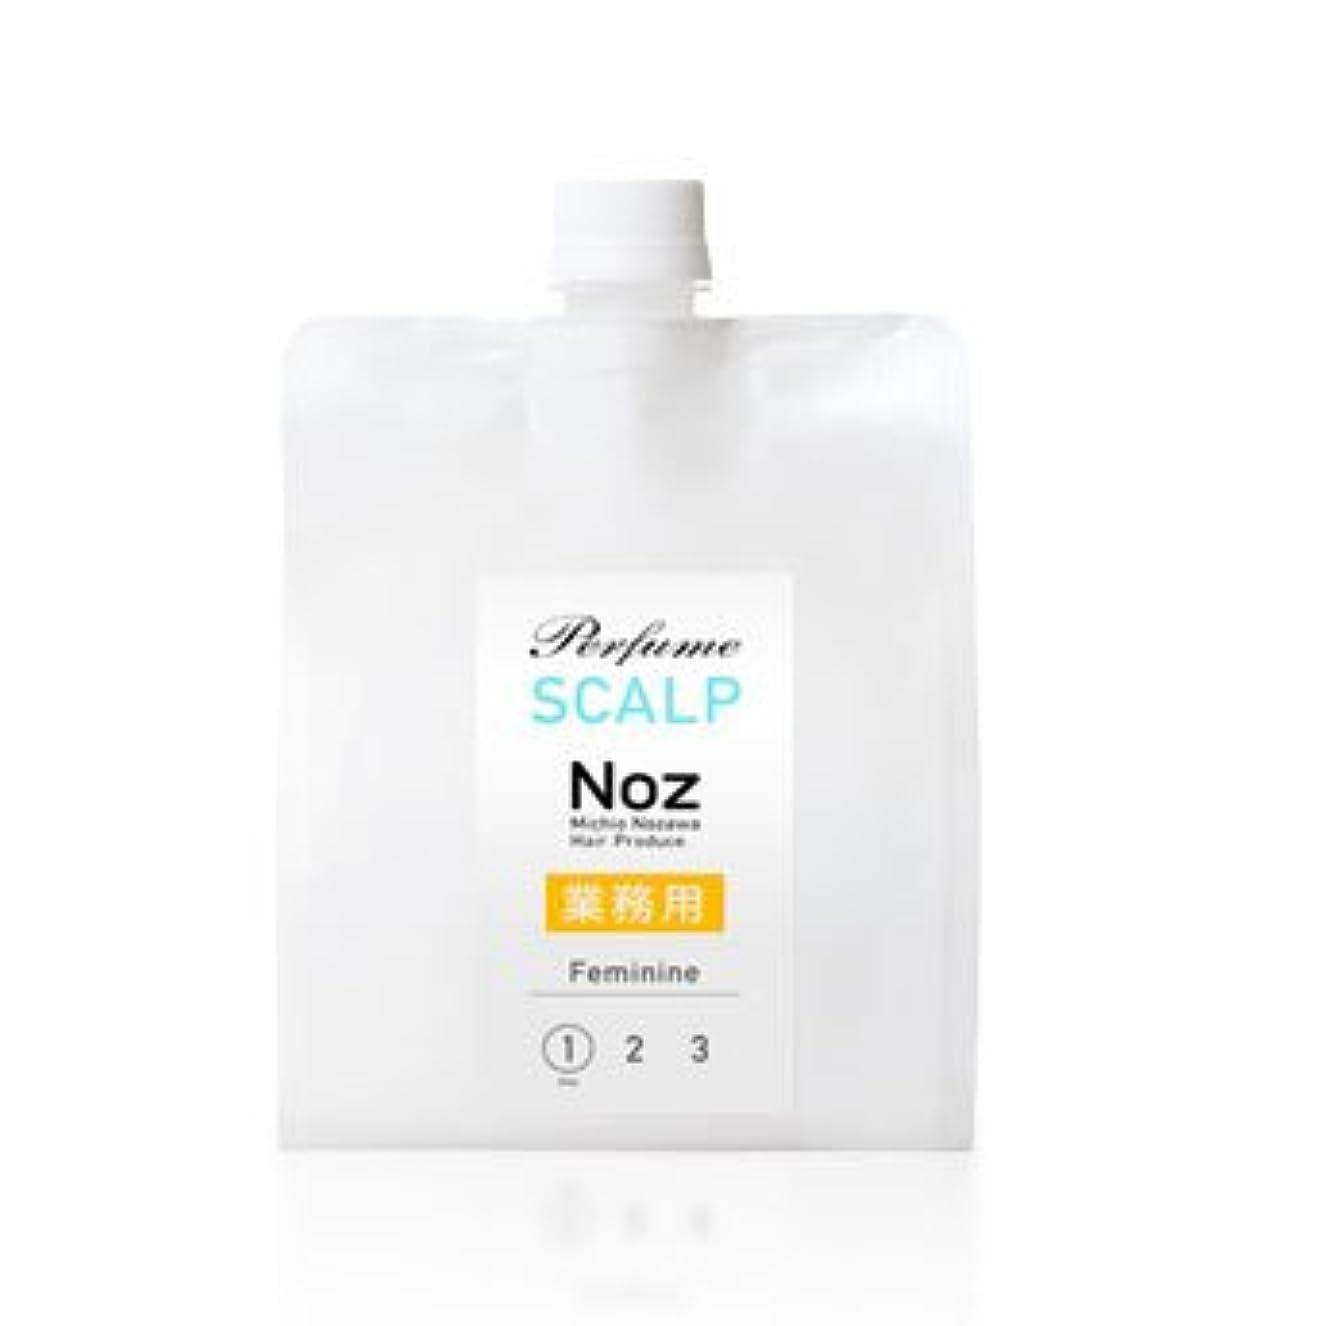 トリッキー微視的克服するNoz ノズ スカルプ シャンプー (フェミニン) 業務用パウチ